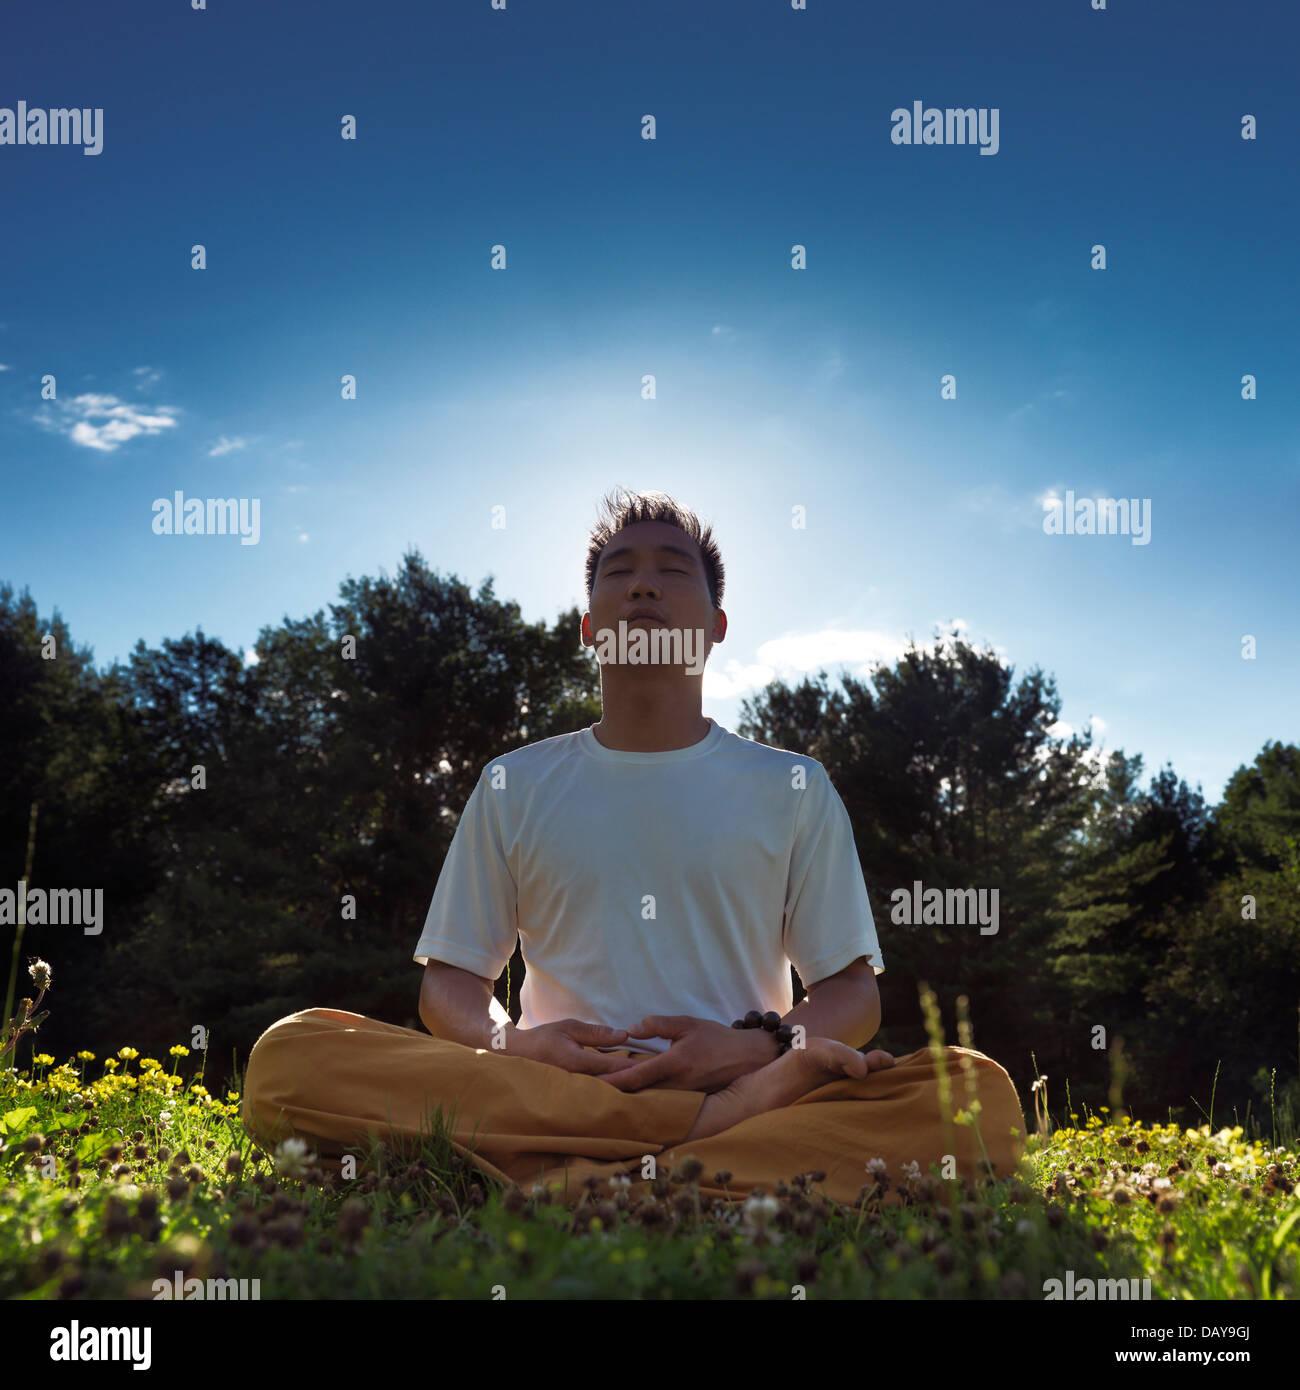 Uomo cinese meditando all'aperto durante l'alba nella natura, seduta con le gambe incrociate su erba sotto Immagini Stock